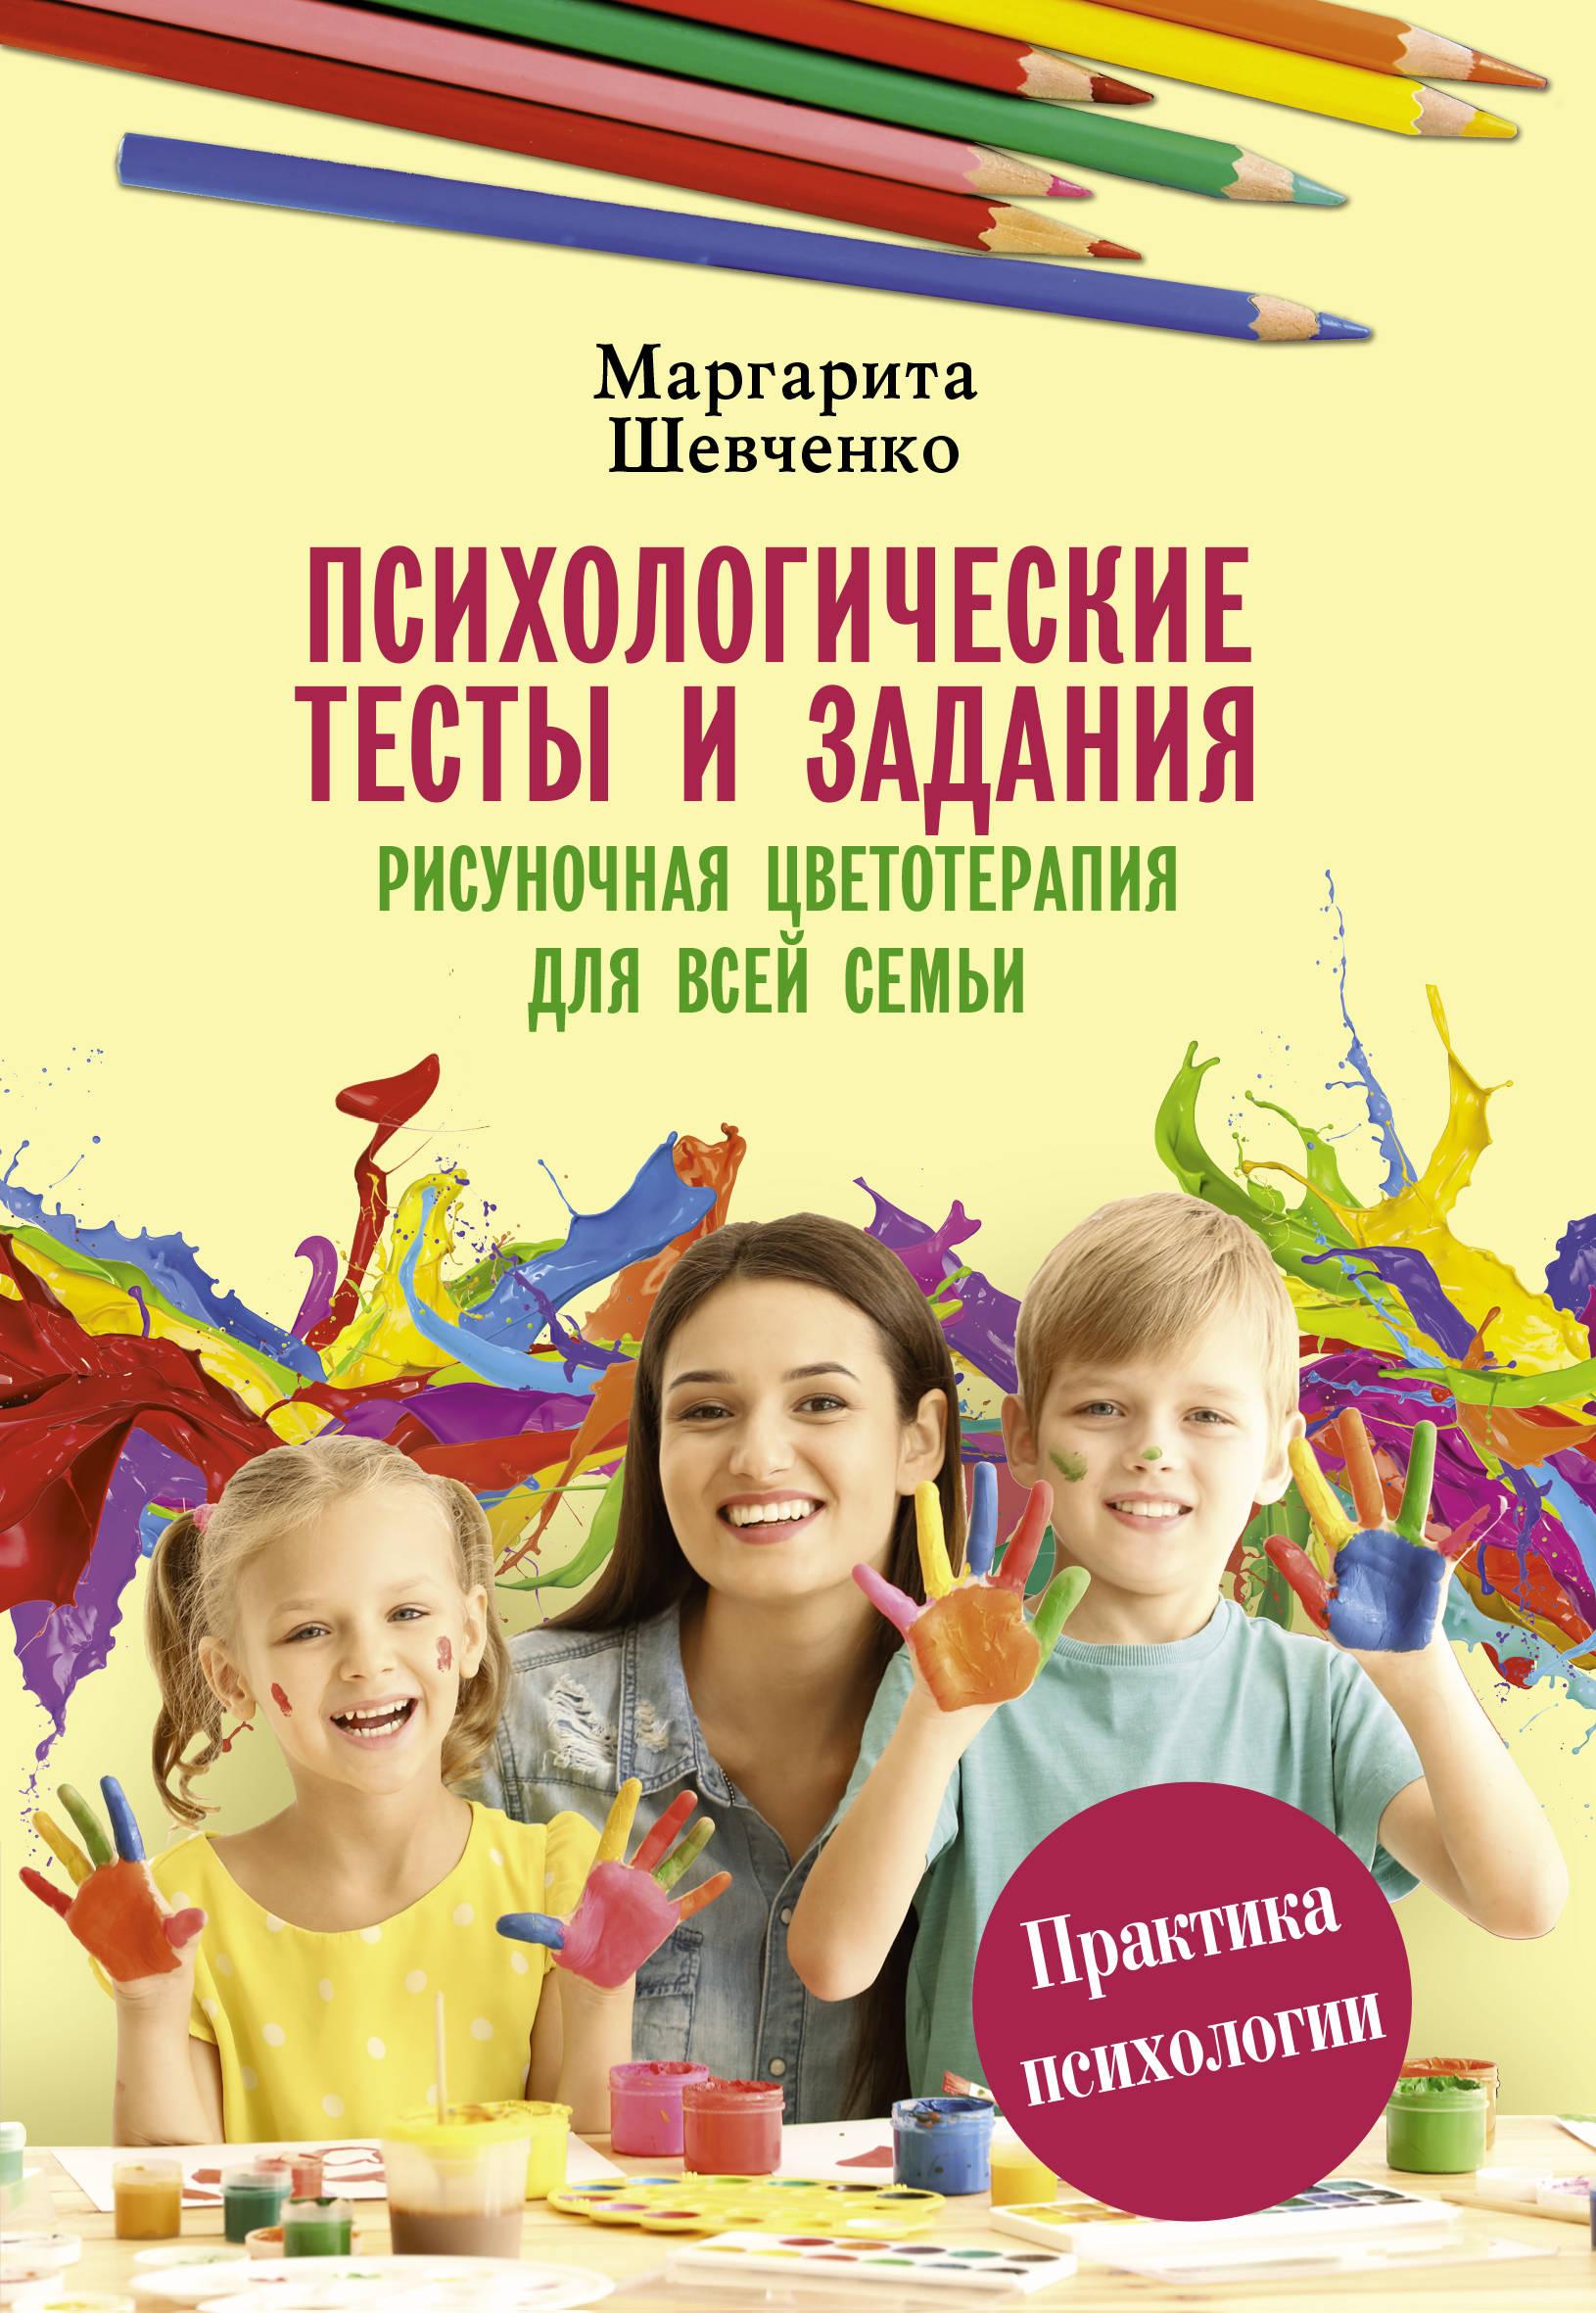 М. А. Шевченко Психологические тесты и задания. Рисуночная цветотерапия для всей семьи